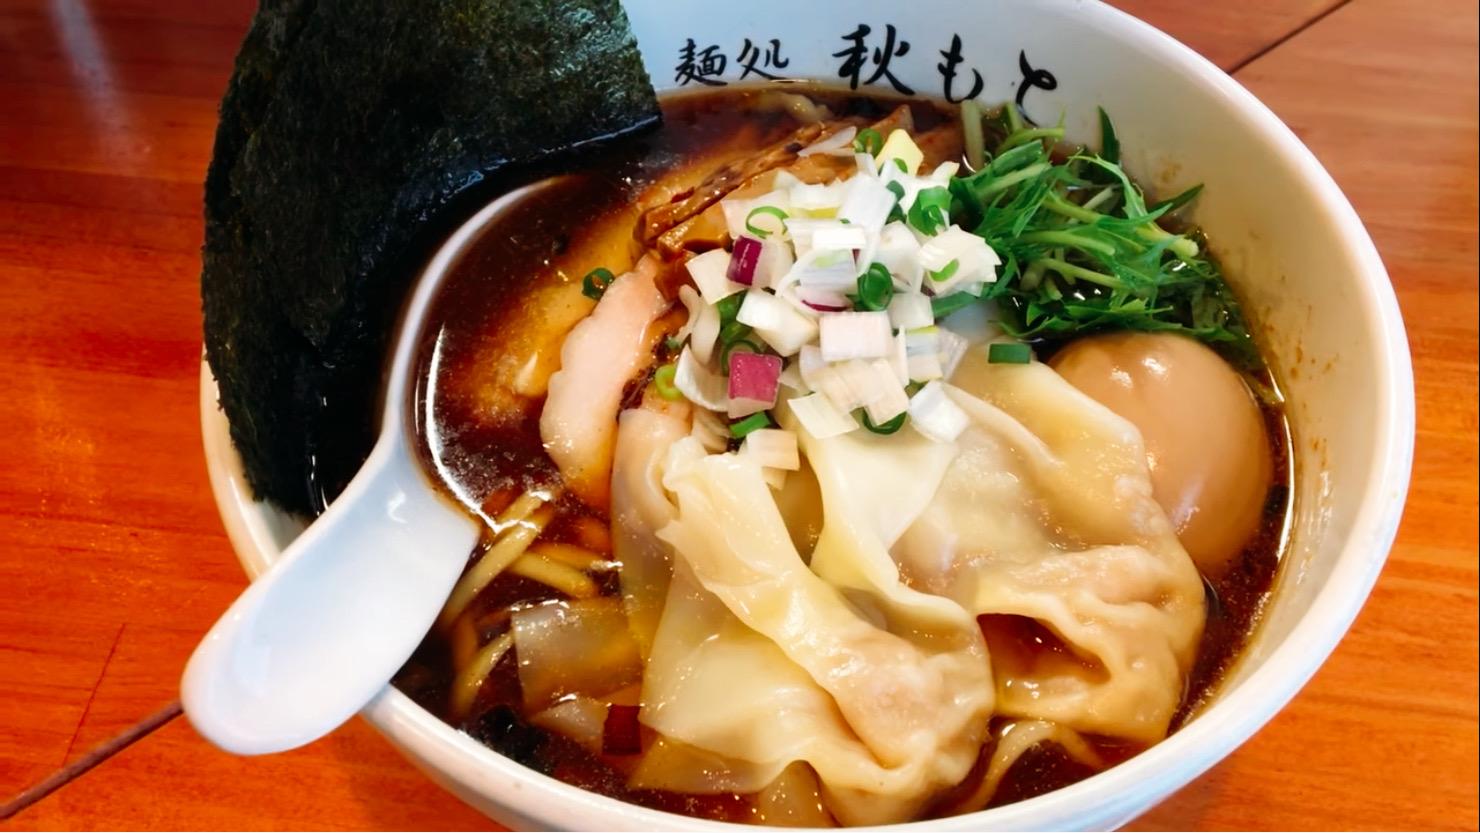 【麺処 秋もと】特製醤油 (神奈川県横浜市青葉区) 第591回